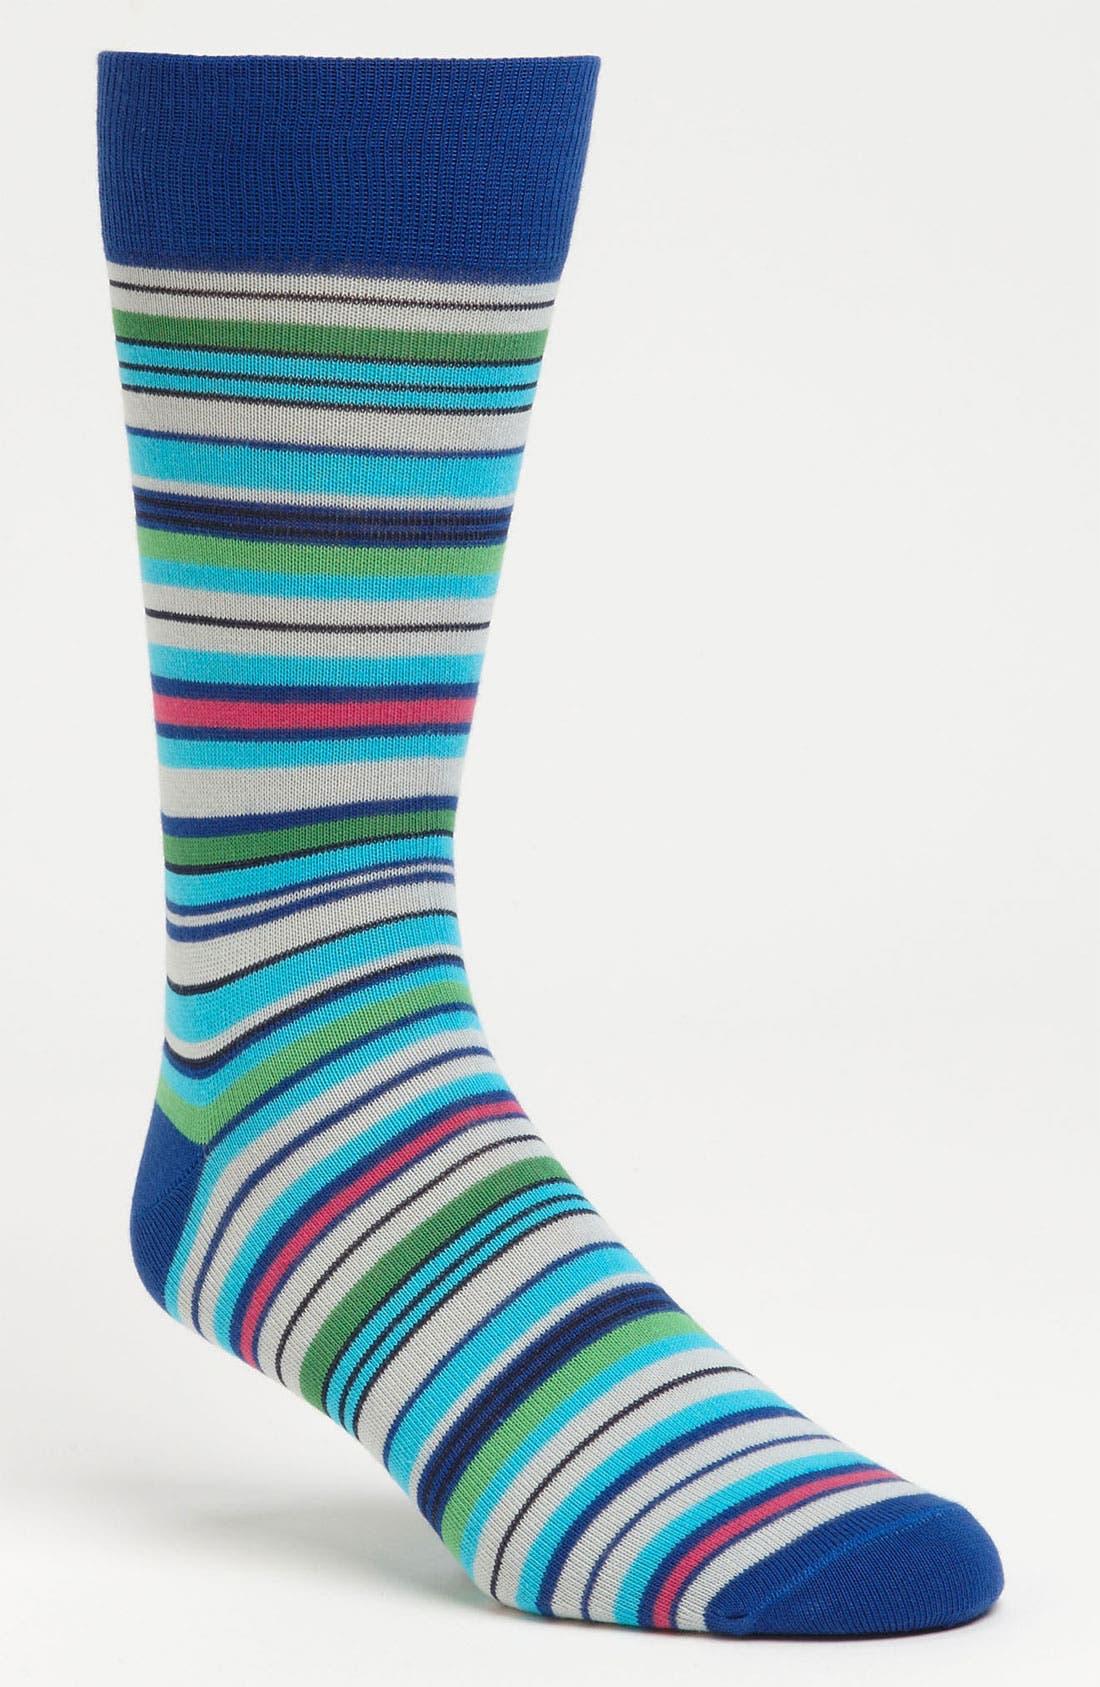 Alternate Image 1 Selected - Lorenzo Uomo Multi Stripe Socks